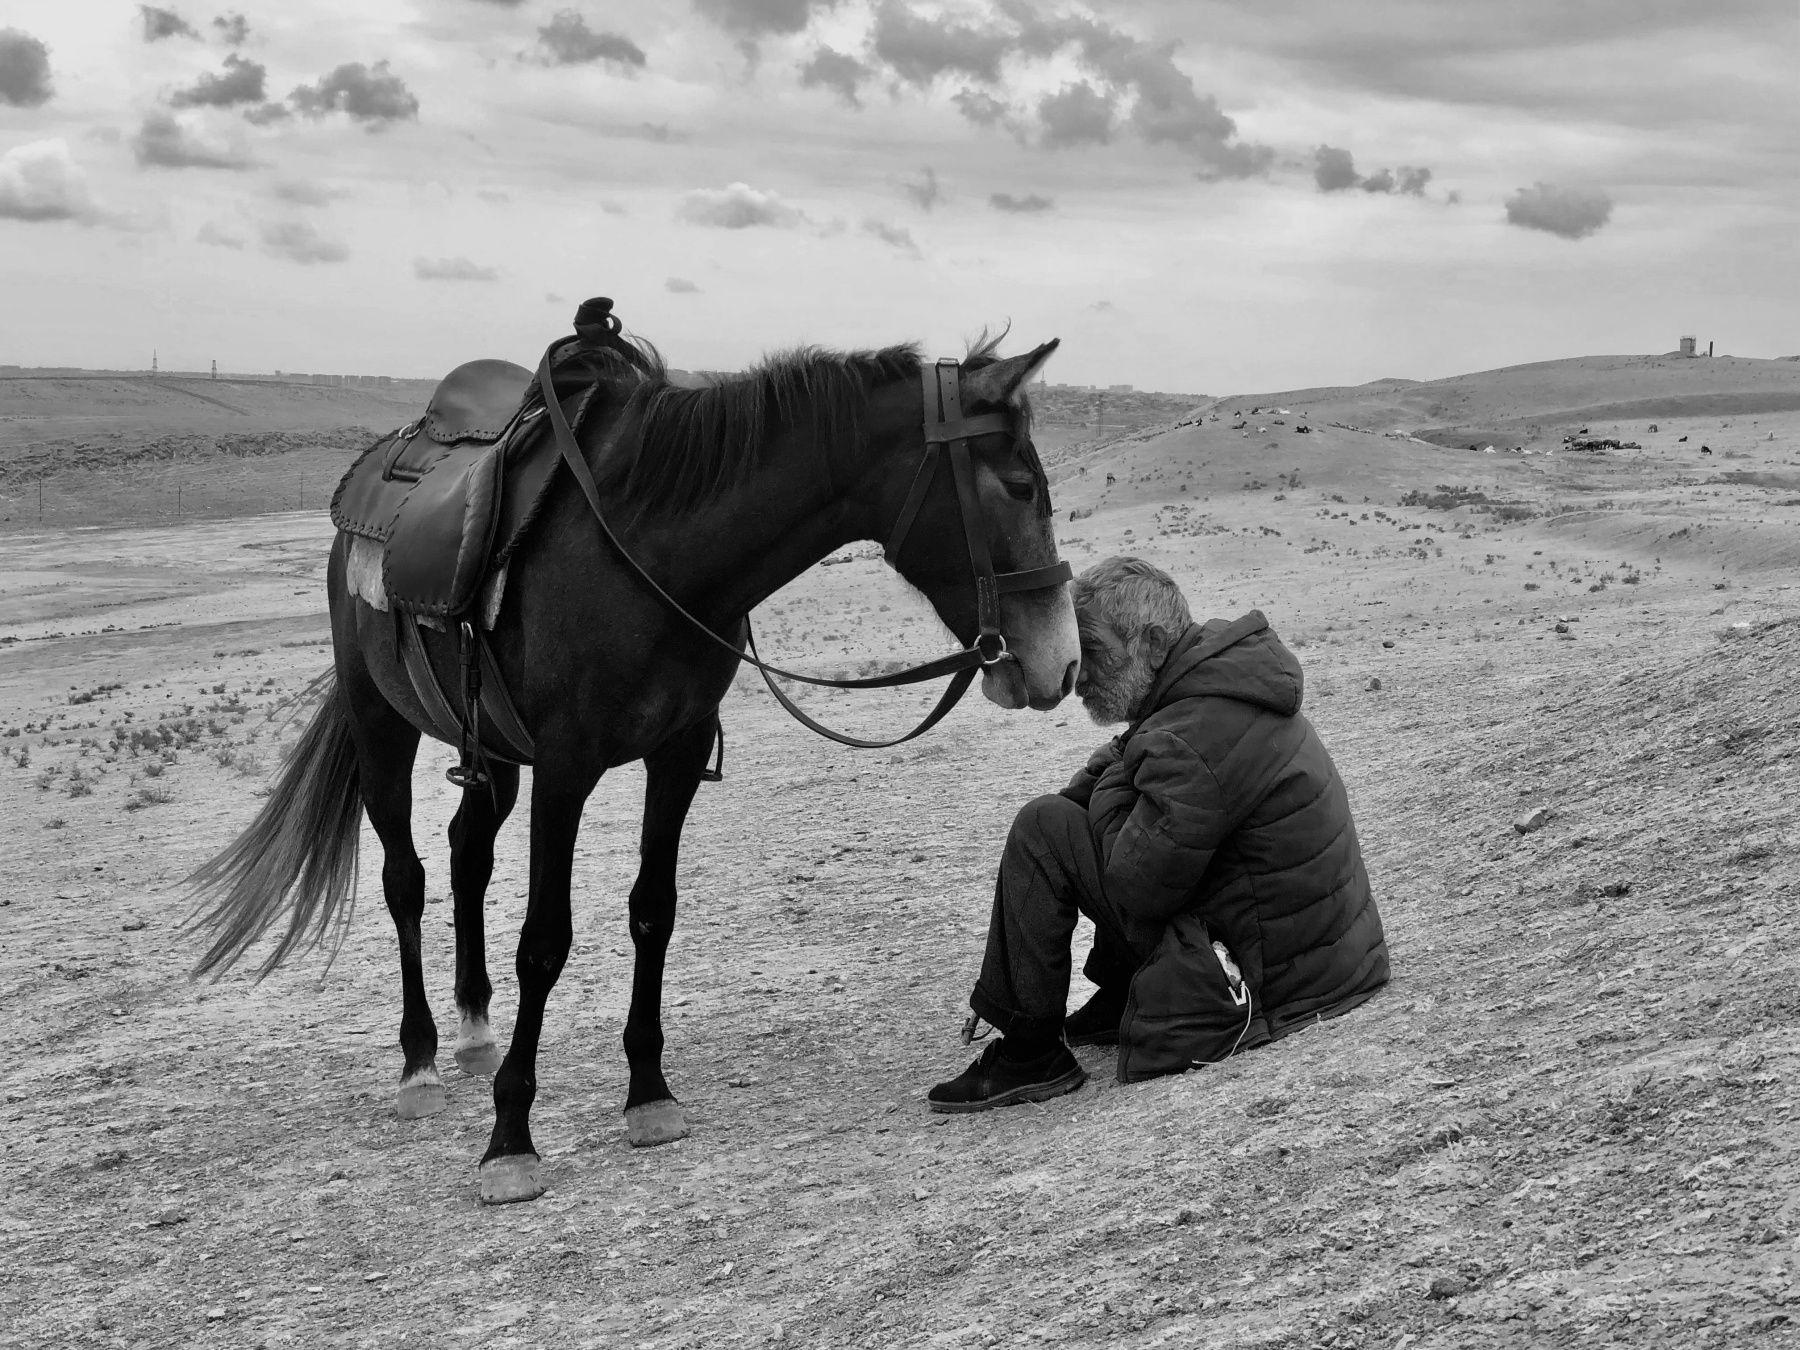 攝影師獎第一名則為來自印度的 Sharan Shetty,他的攝影作品 Bonding 由 iPhone X 拍攝一個男人與他的馬在一片荒蕪中,帶給彼此支持與安慰。